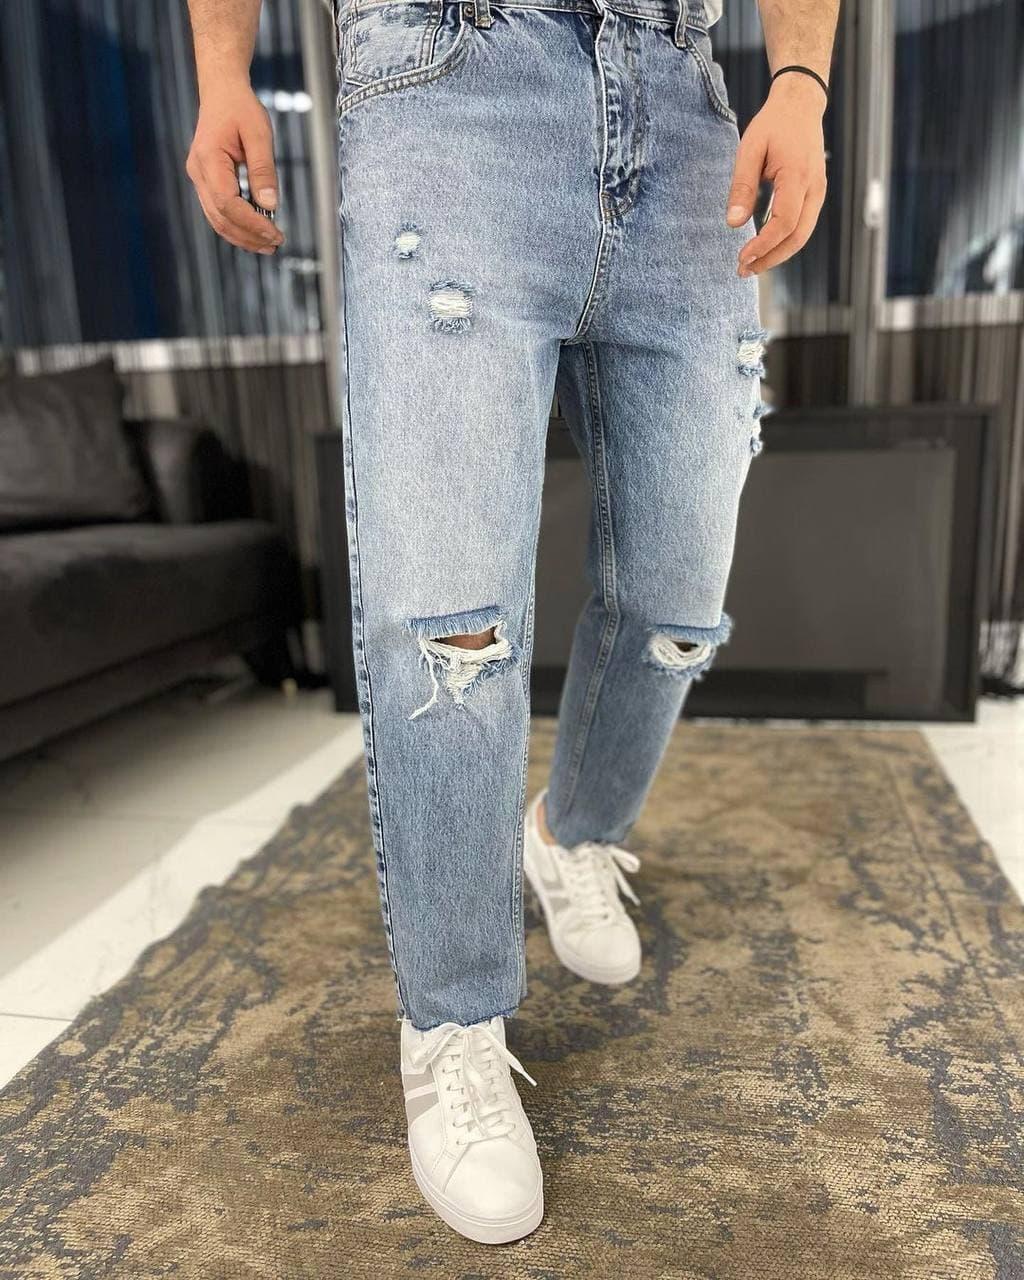 Джинси - Чоловічі трендові джинси МОМ / чоловічі трендові джинси рвані МОМ